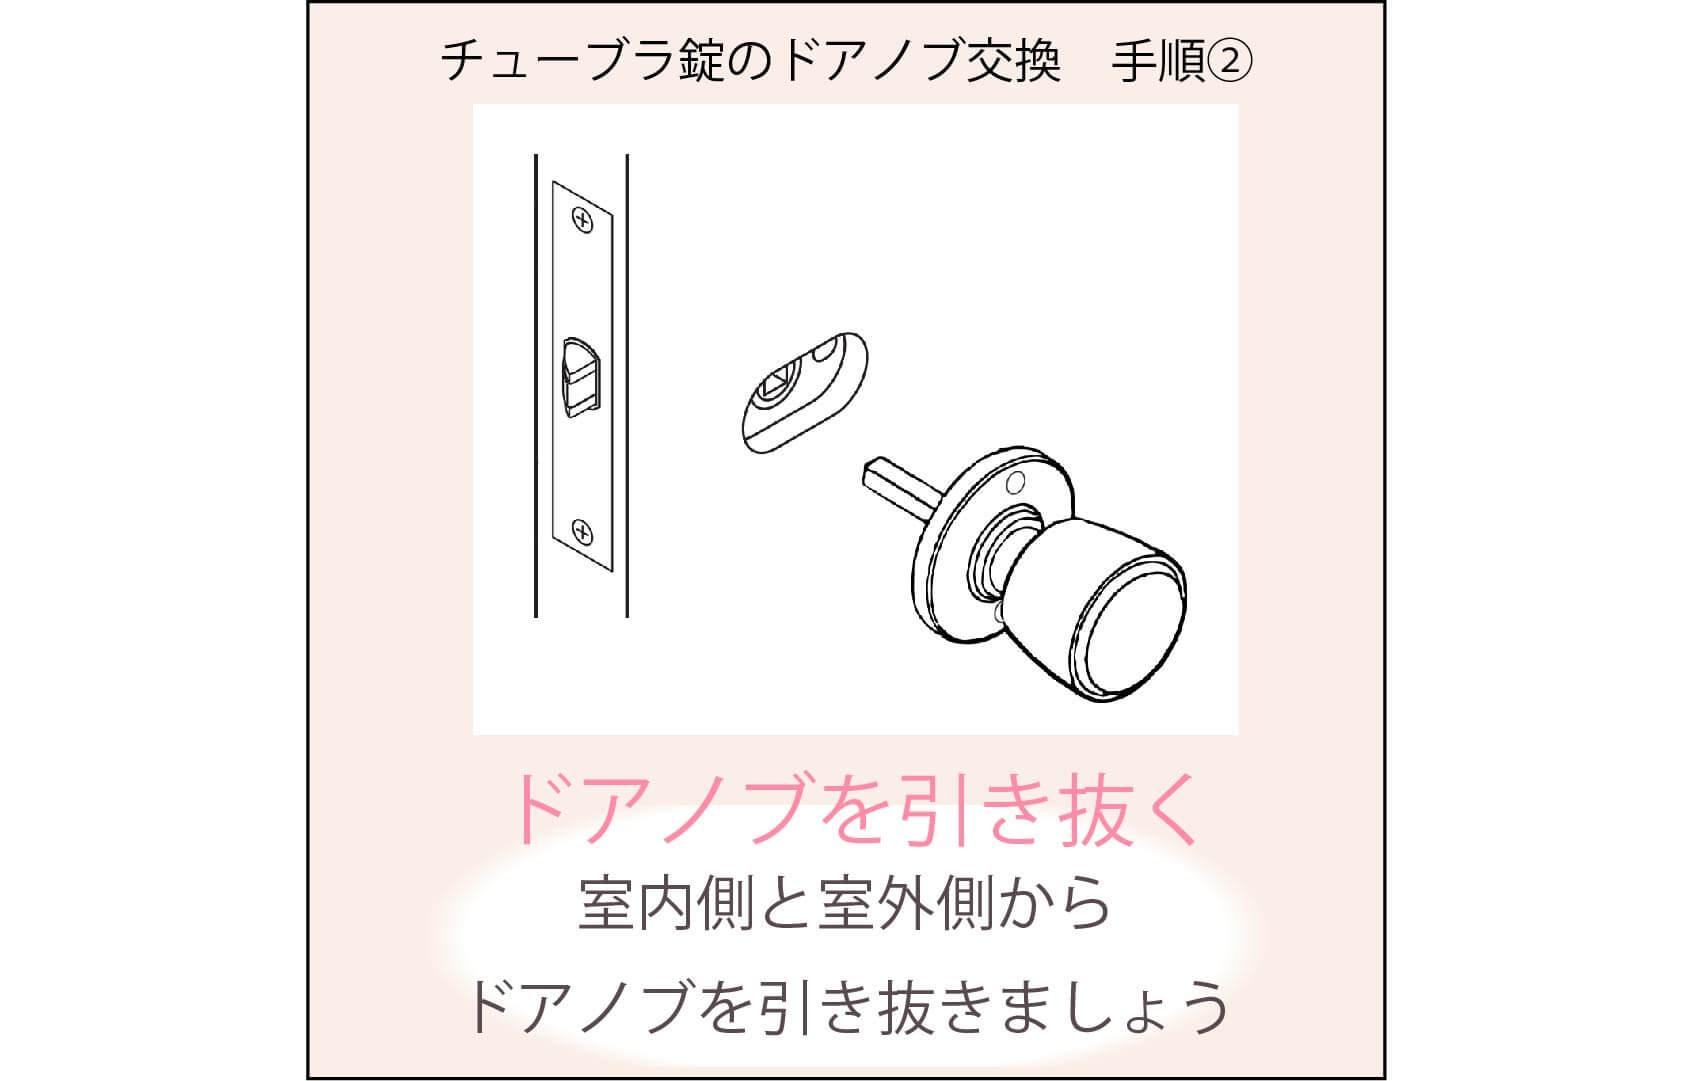 チューブラ錠の交換手順②